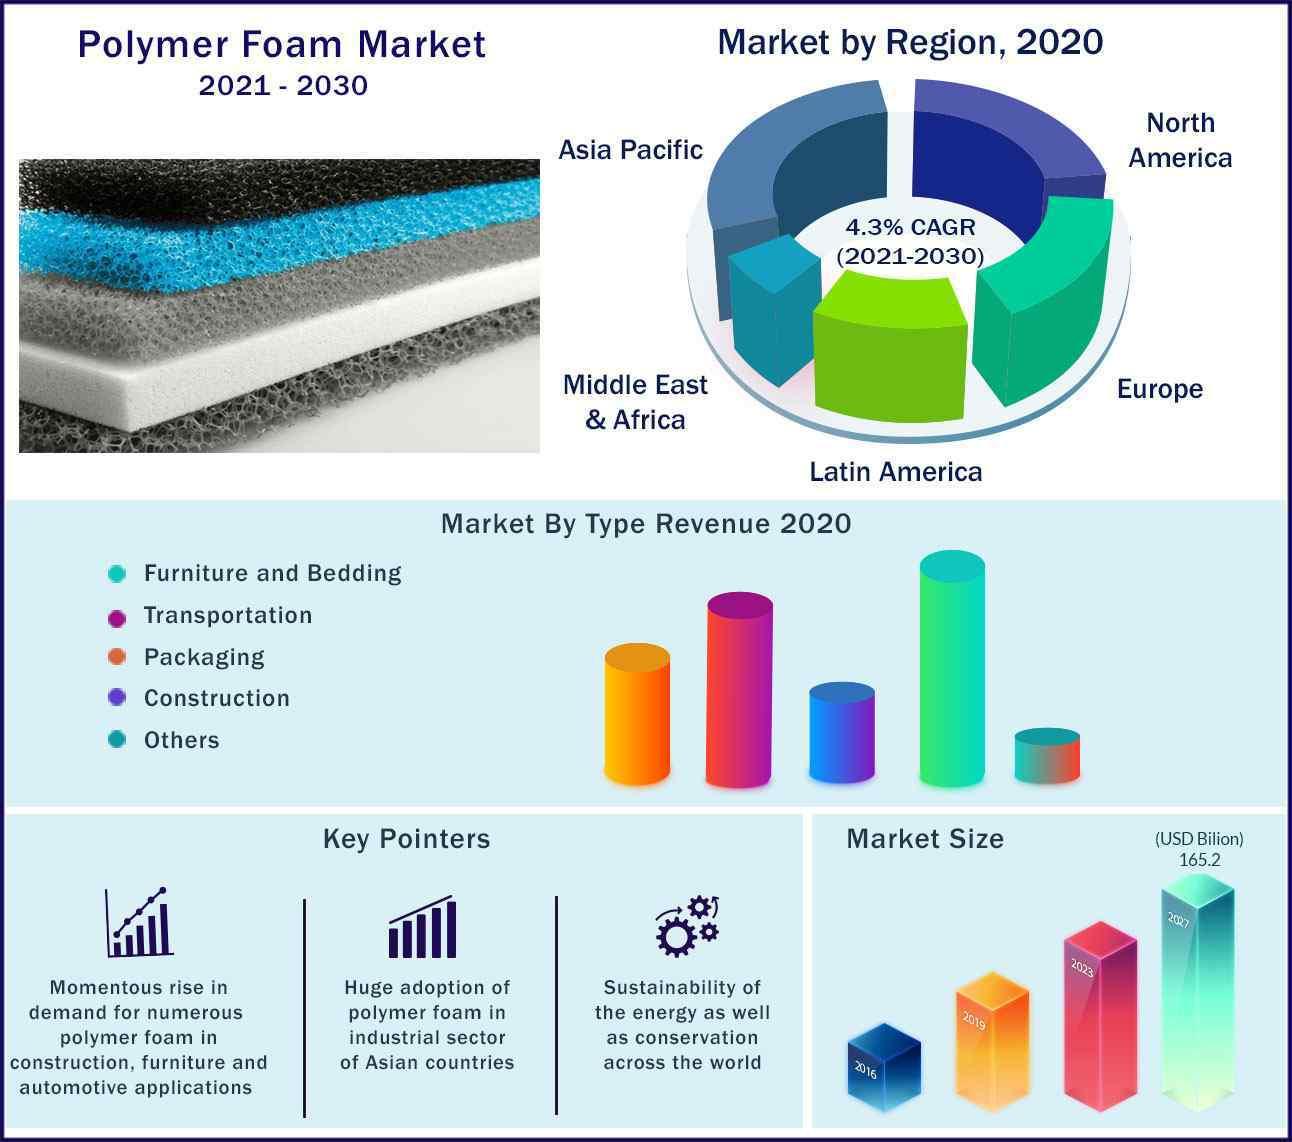 Global Polymer Foam Market 2021-2030